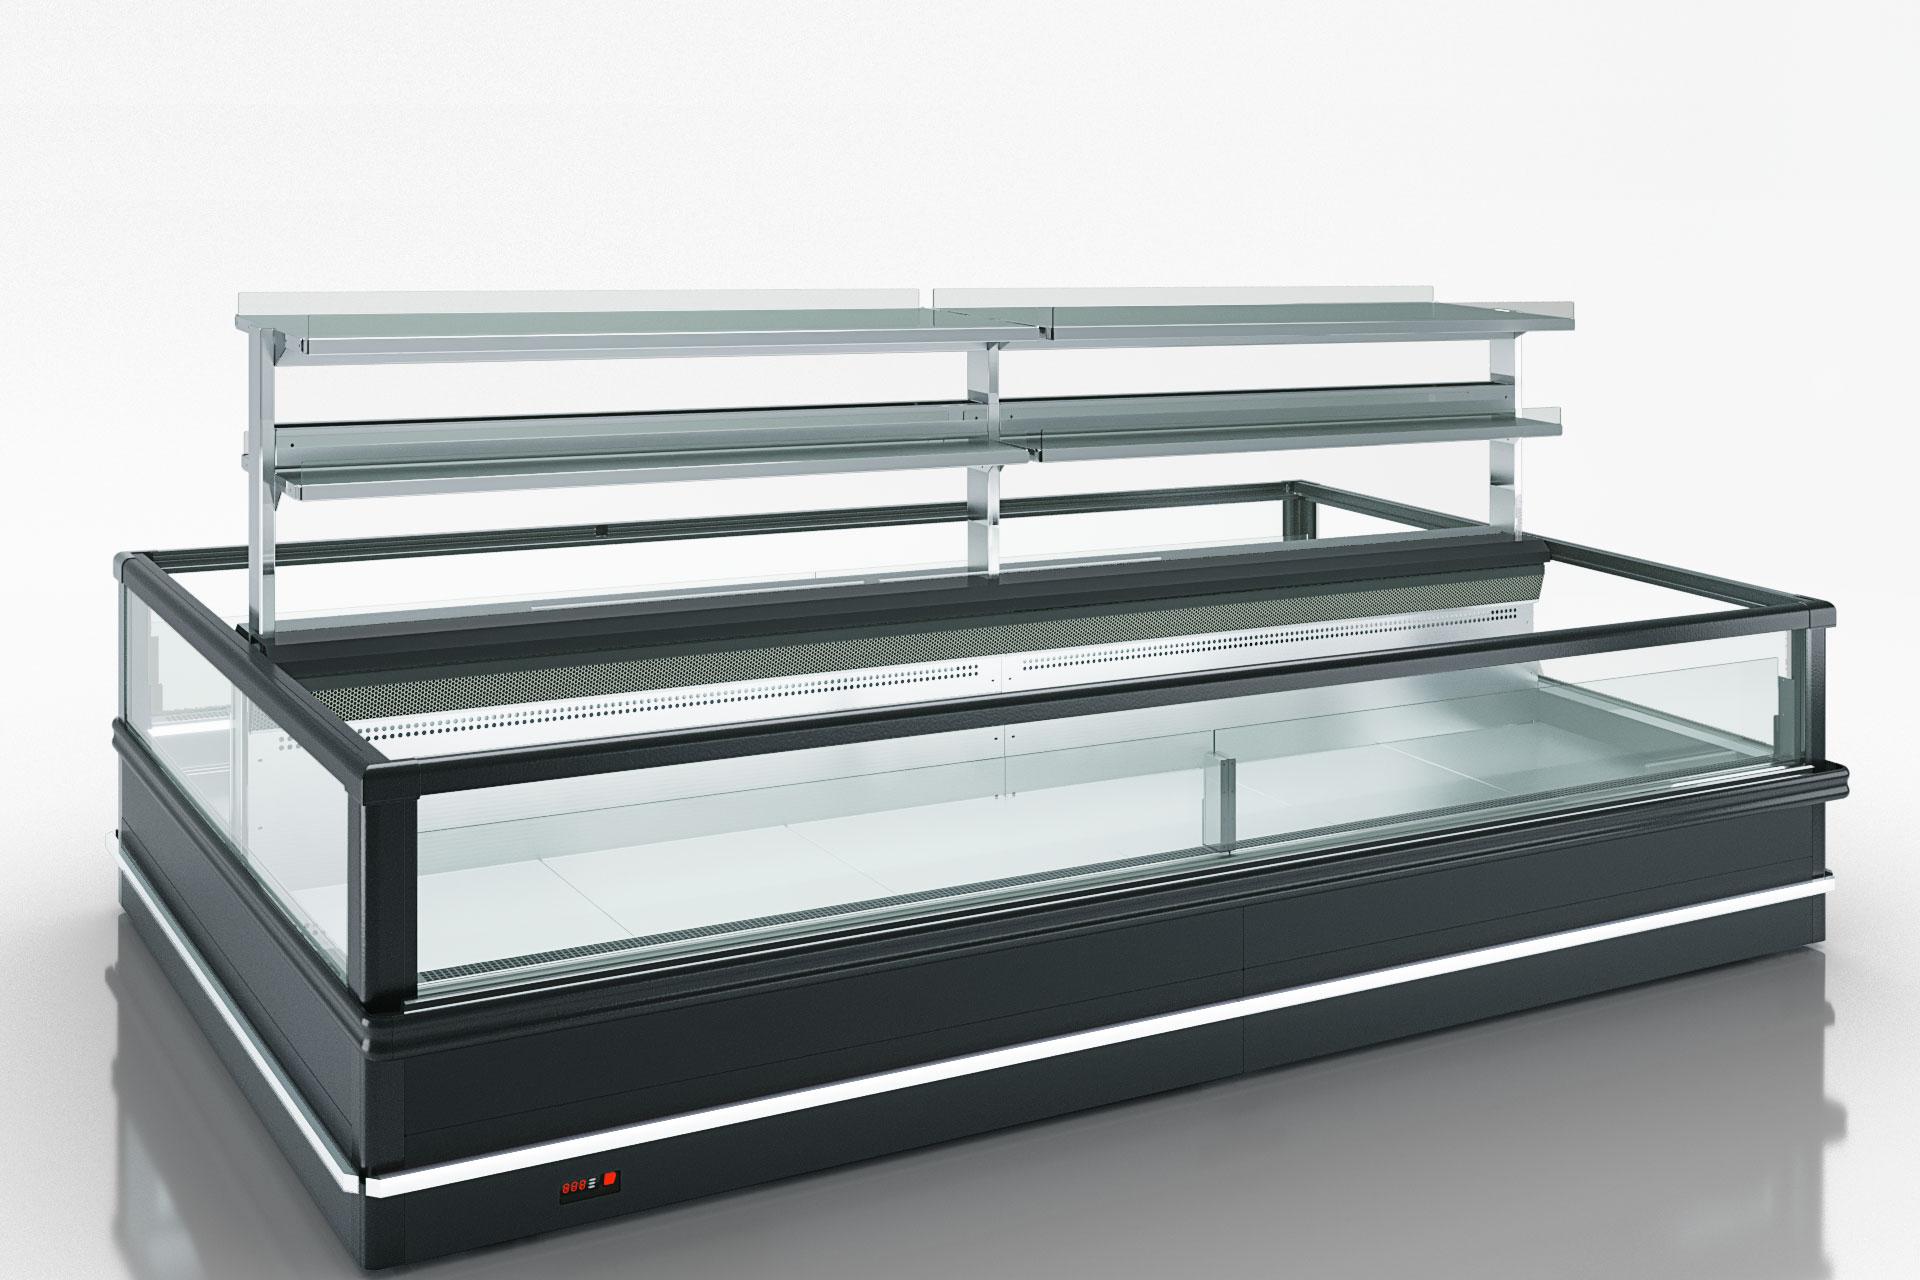 Витрина для замороженных продуктов Yukon MH 200 LT О 088-DLM с суперструктурой